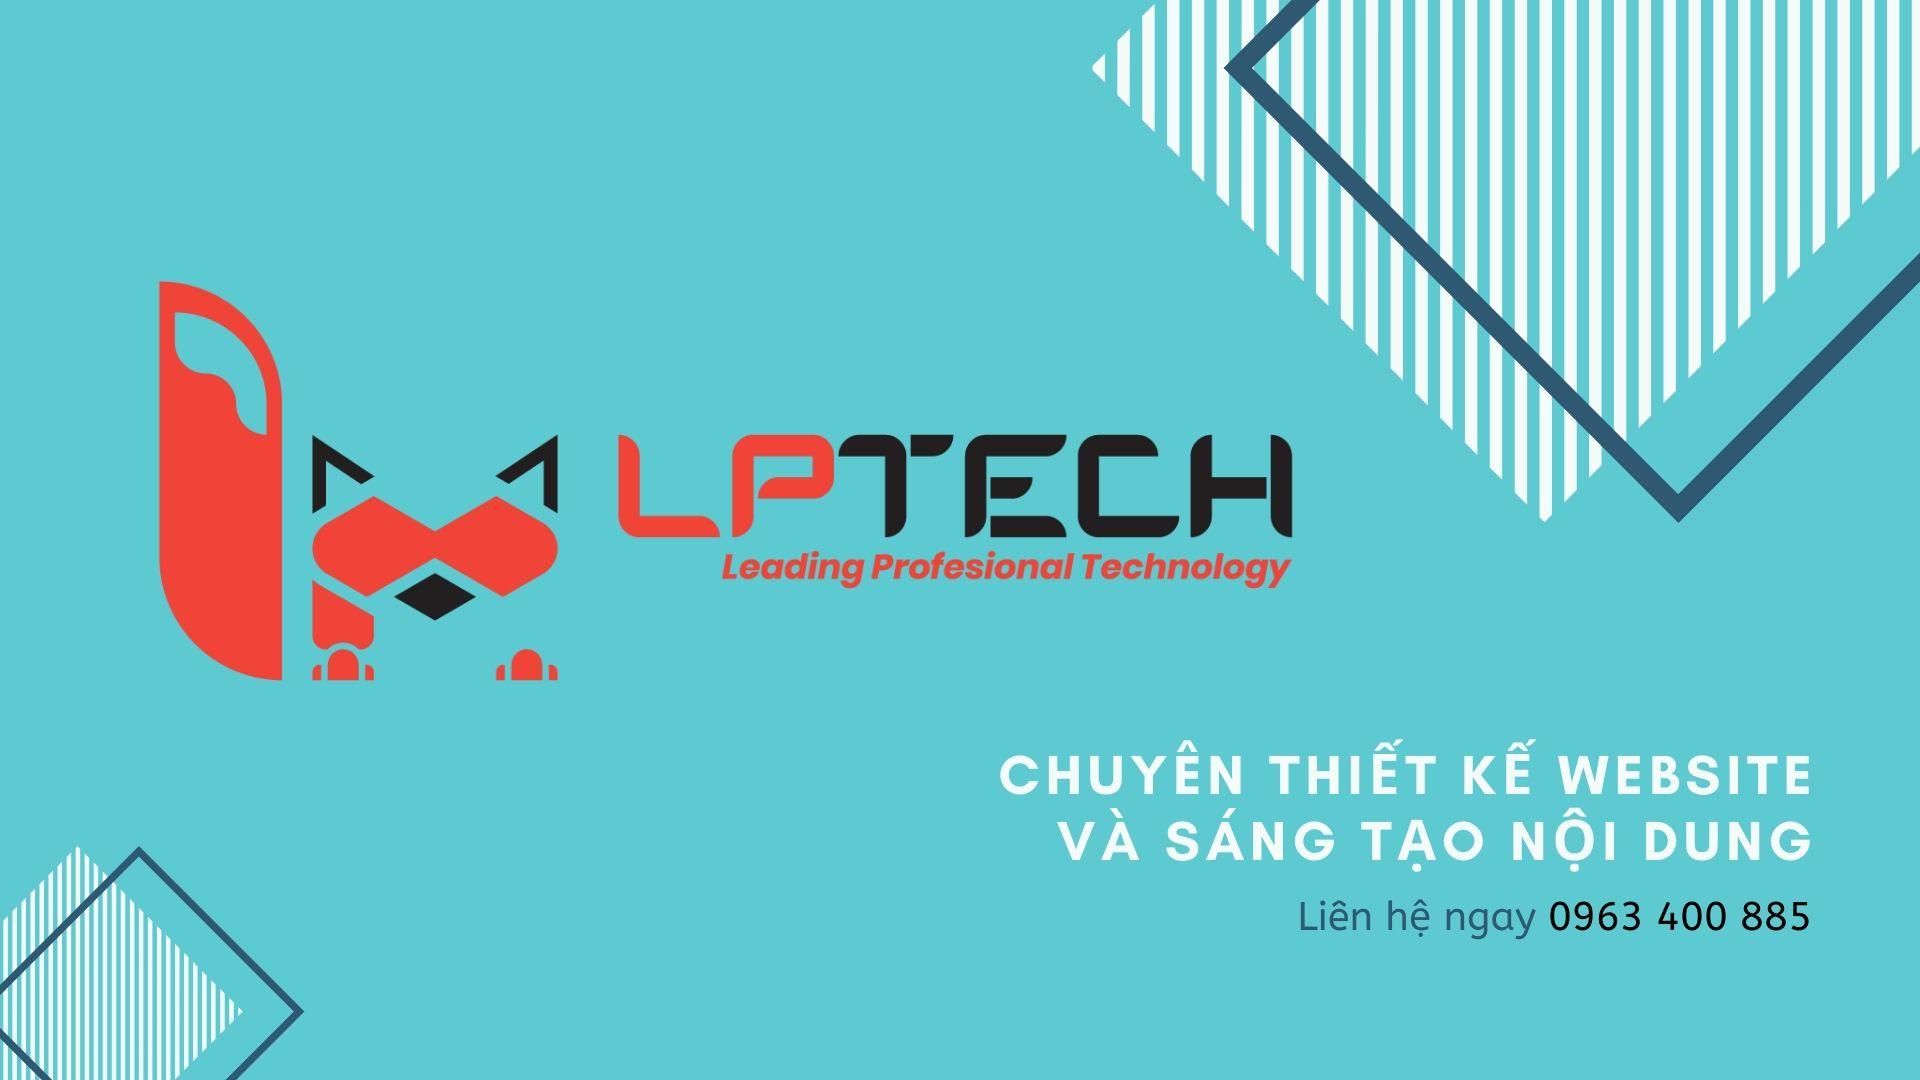 LP Tech cung cấp dịch vụ thiết kế website và sáng tạo nội dung cho doanh nghiệp từ mọi lĩnh vực